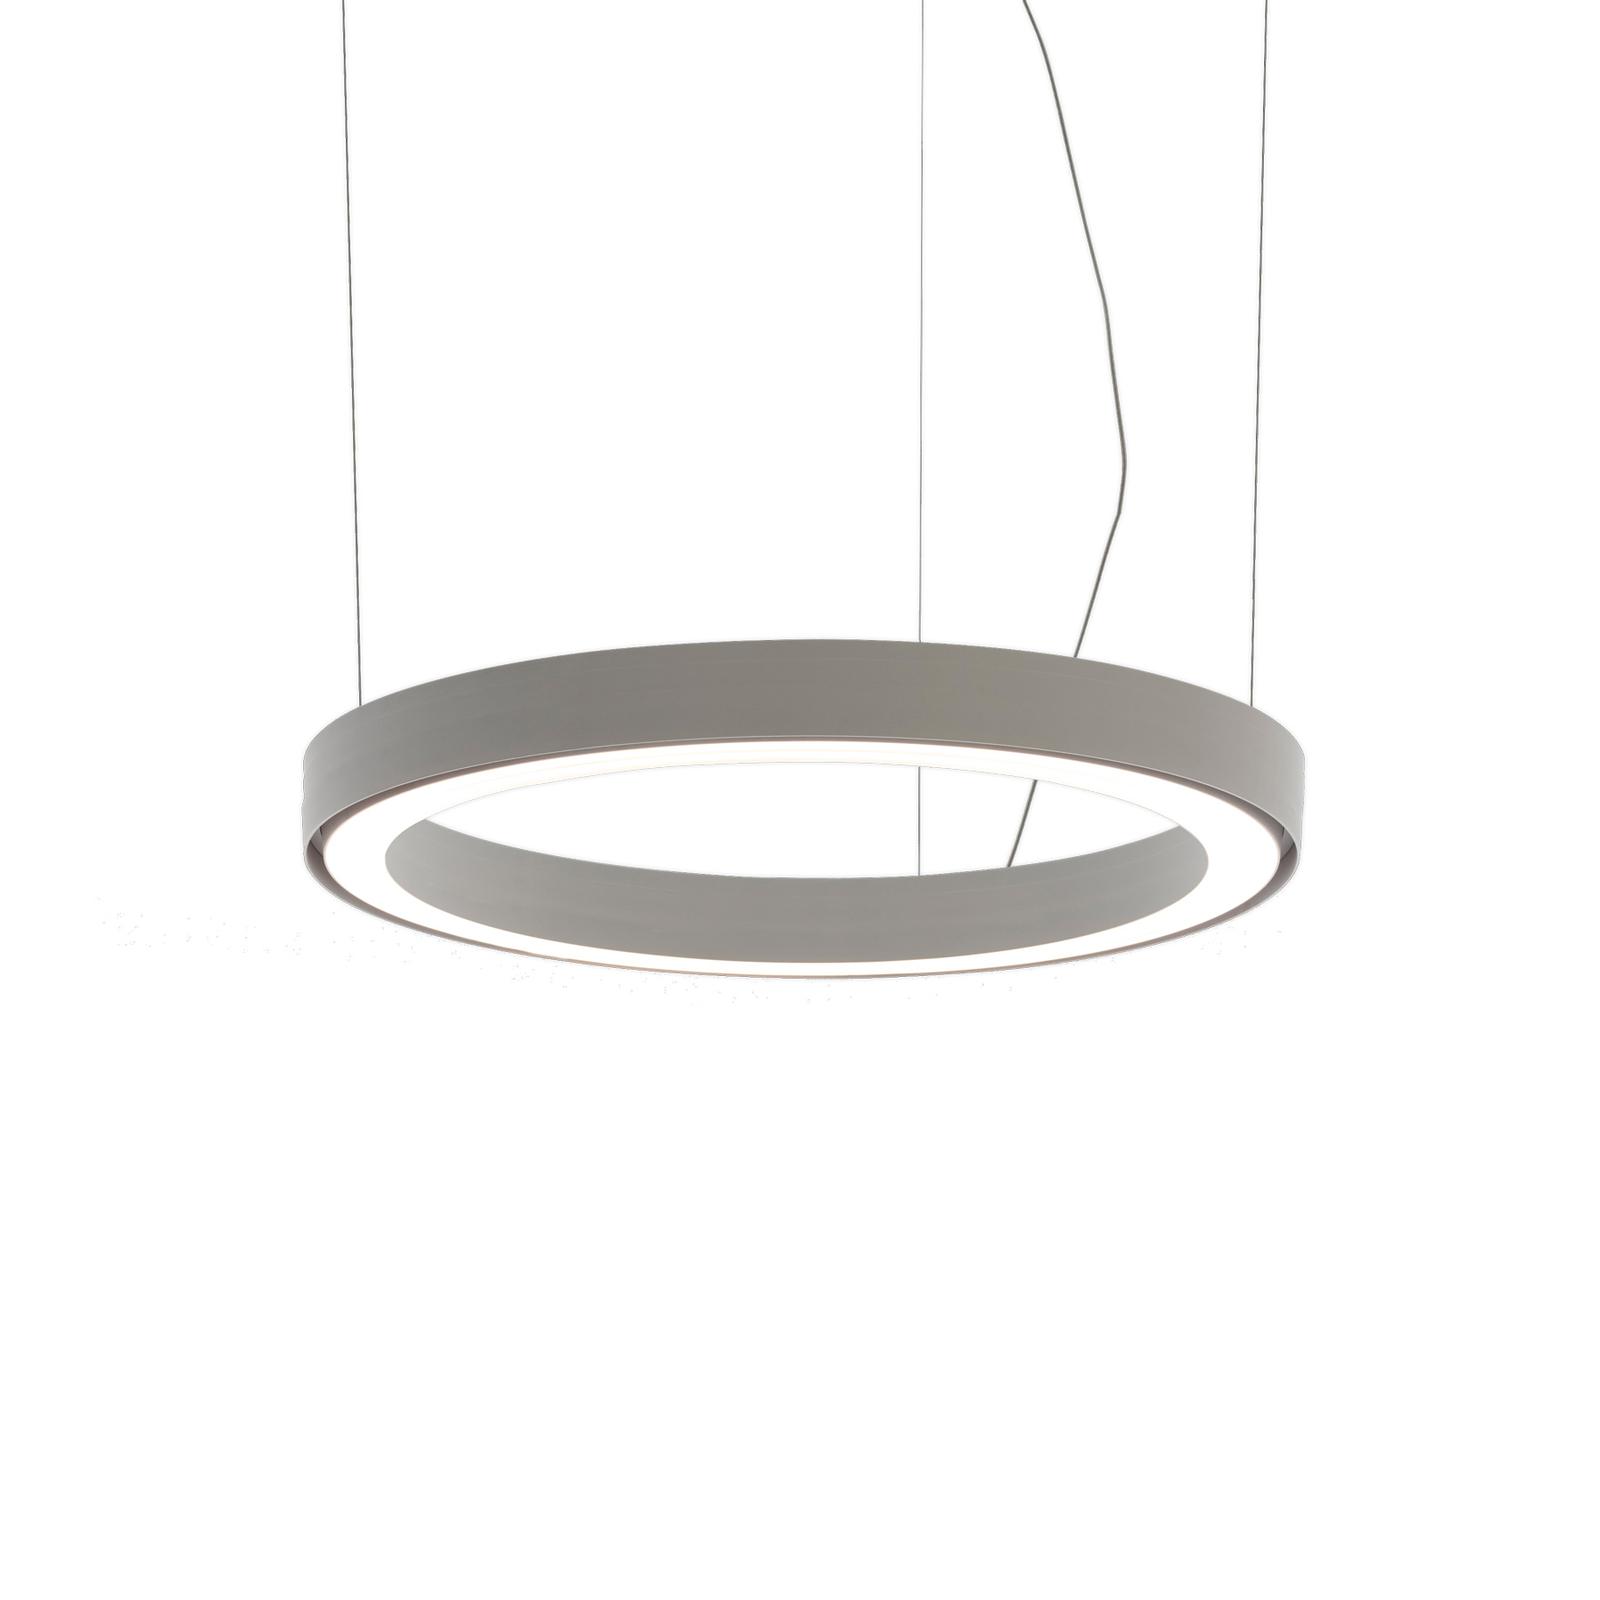 Artemide Ripple LED-Hängeleuchte weiß, Ø 50 cm